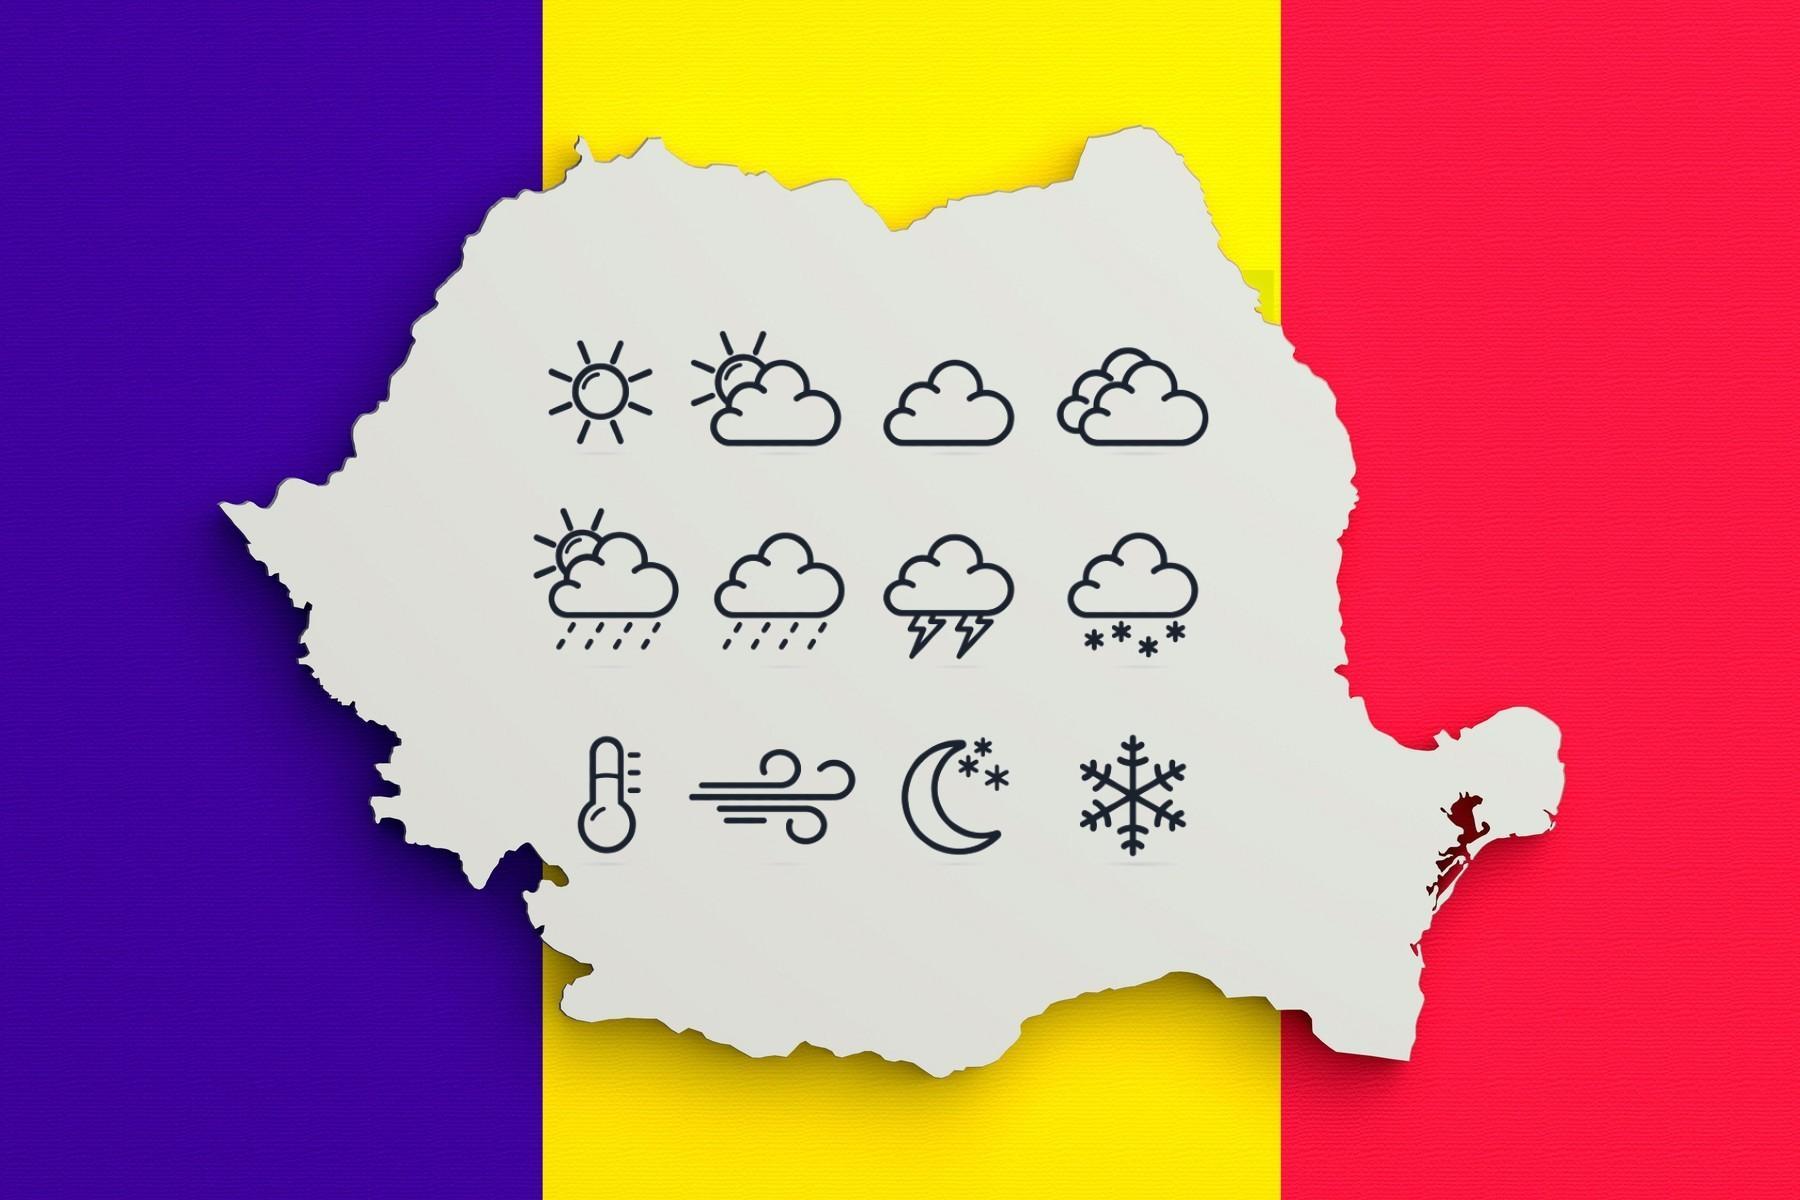 Prognoza meteo 25 ianuarie 2021. Cum e vremea în România și care sunt previziunile ANM pentru astăzi